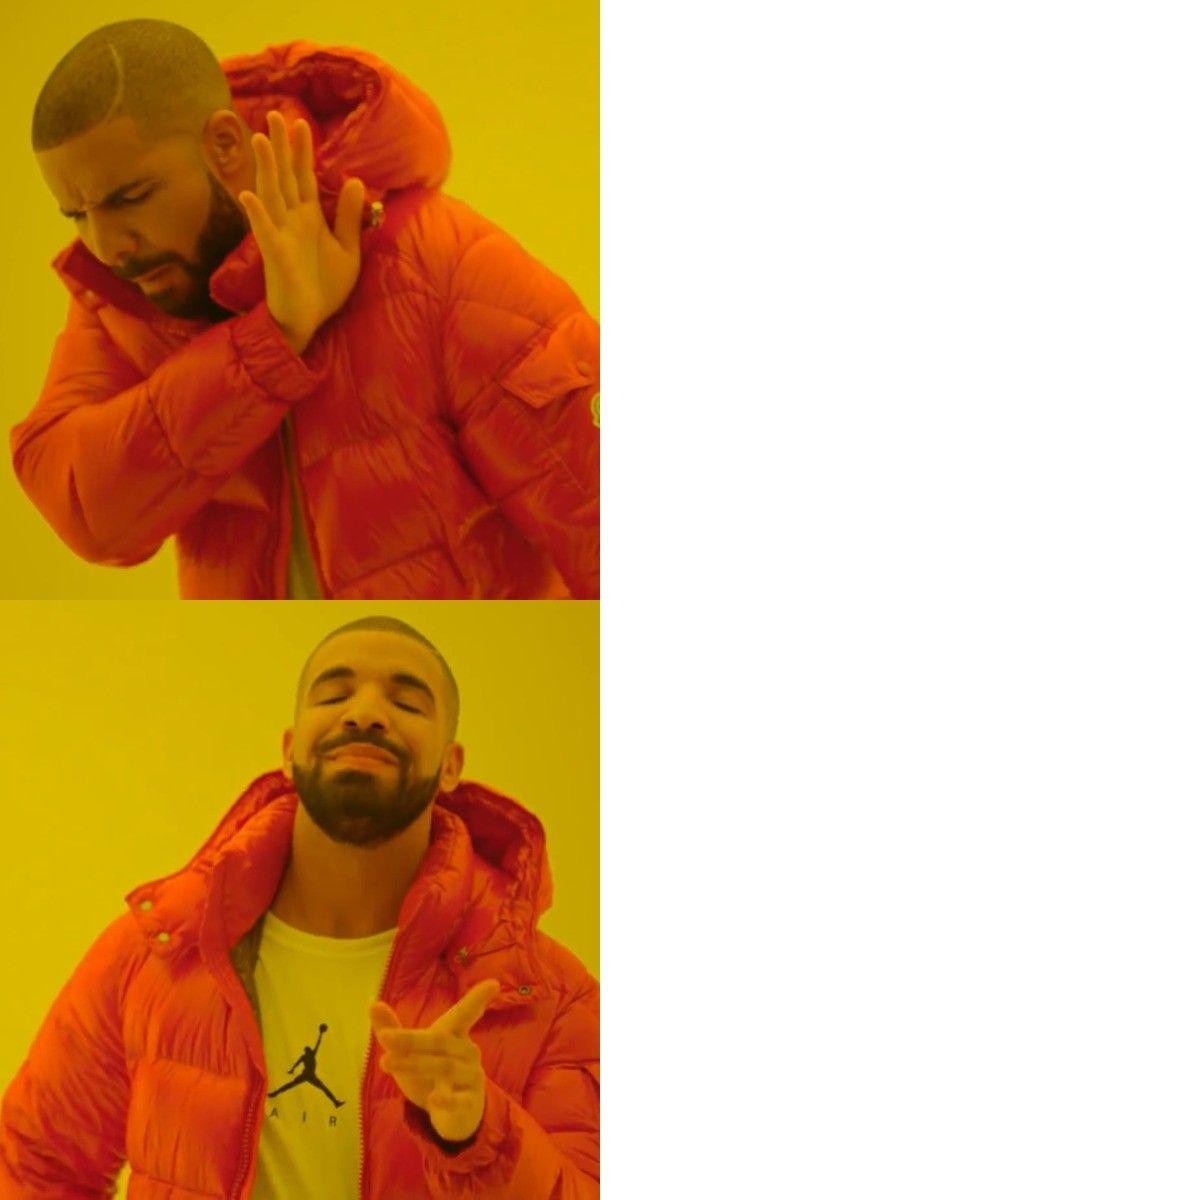 Drake Hotling Bling Drake Meme Meme Template Hotline Bling Meme